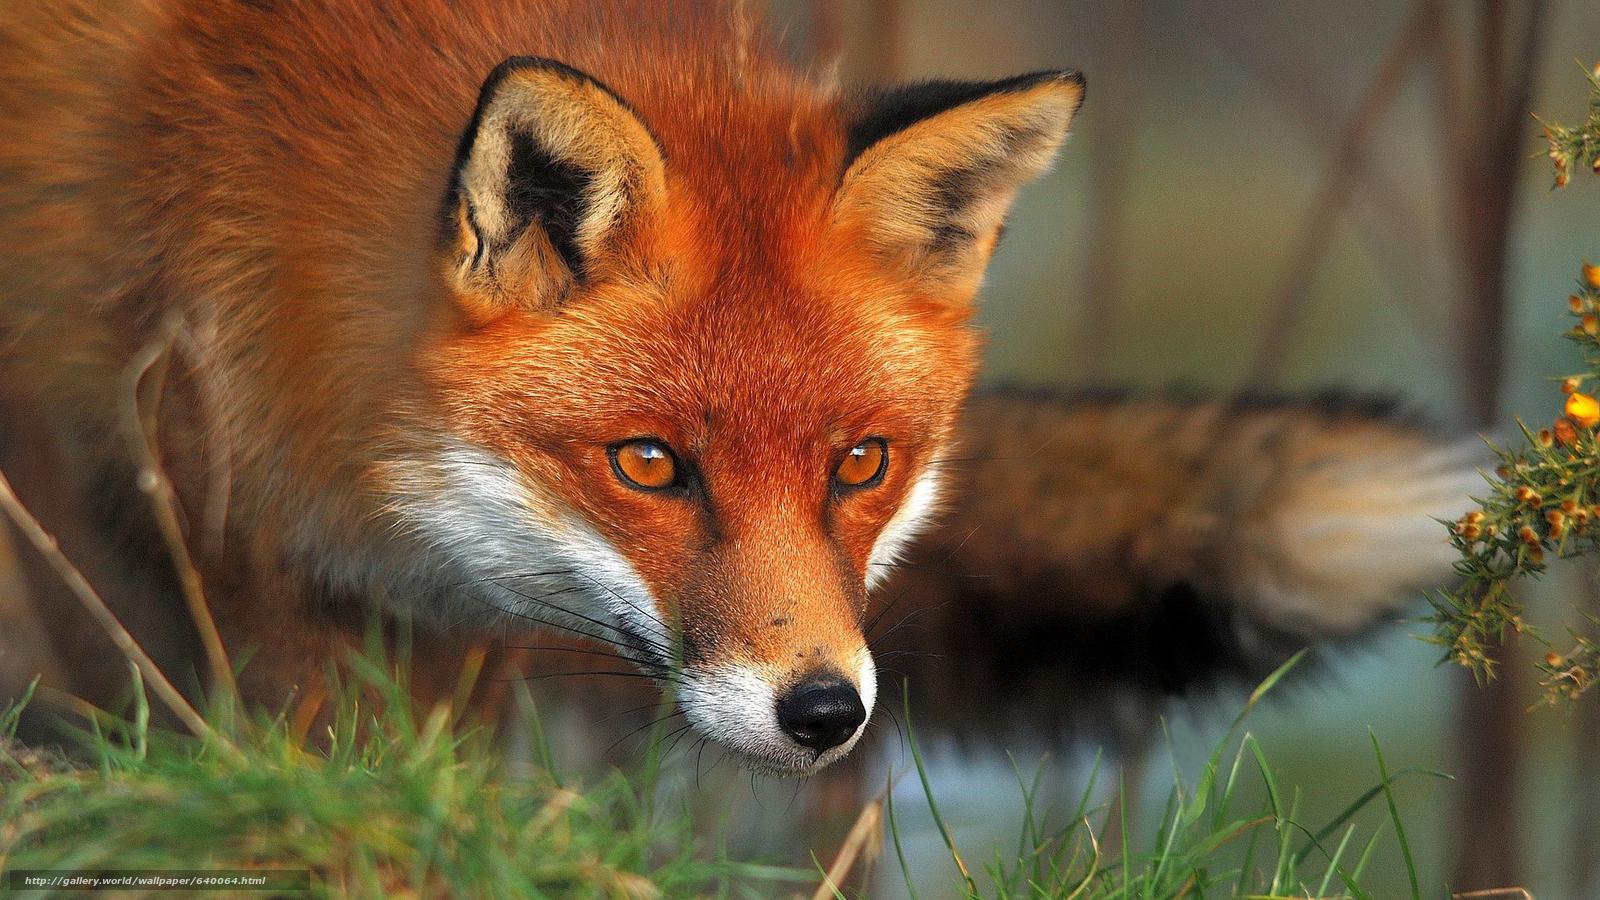 下载壁纸 狐狸,  狐狸,  狐狸,  大鳄 免费为您的桌面分辨率的壁纸 1920x1080 — 图片 №640064